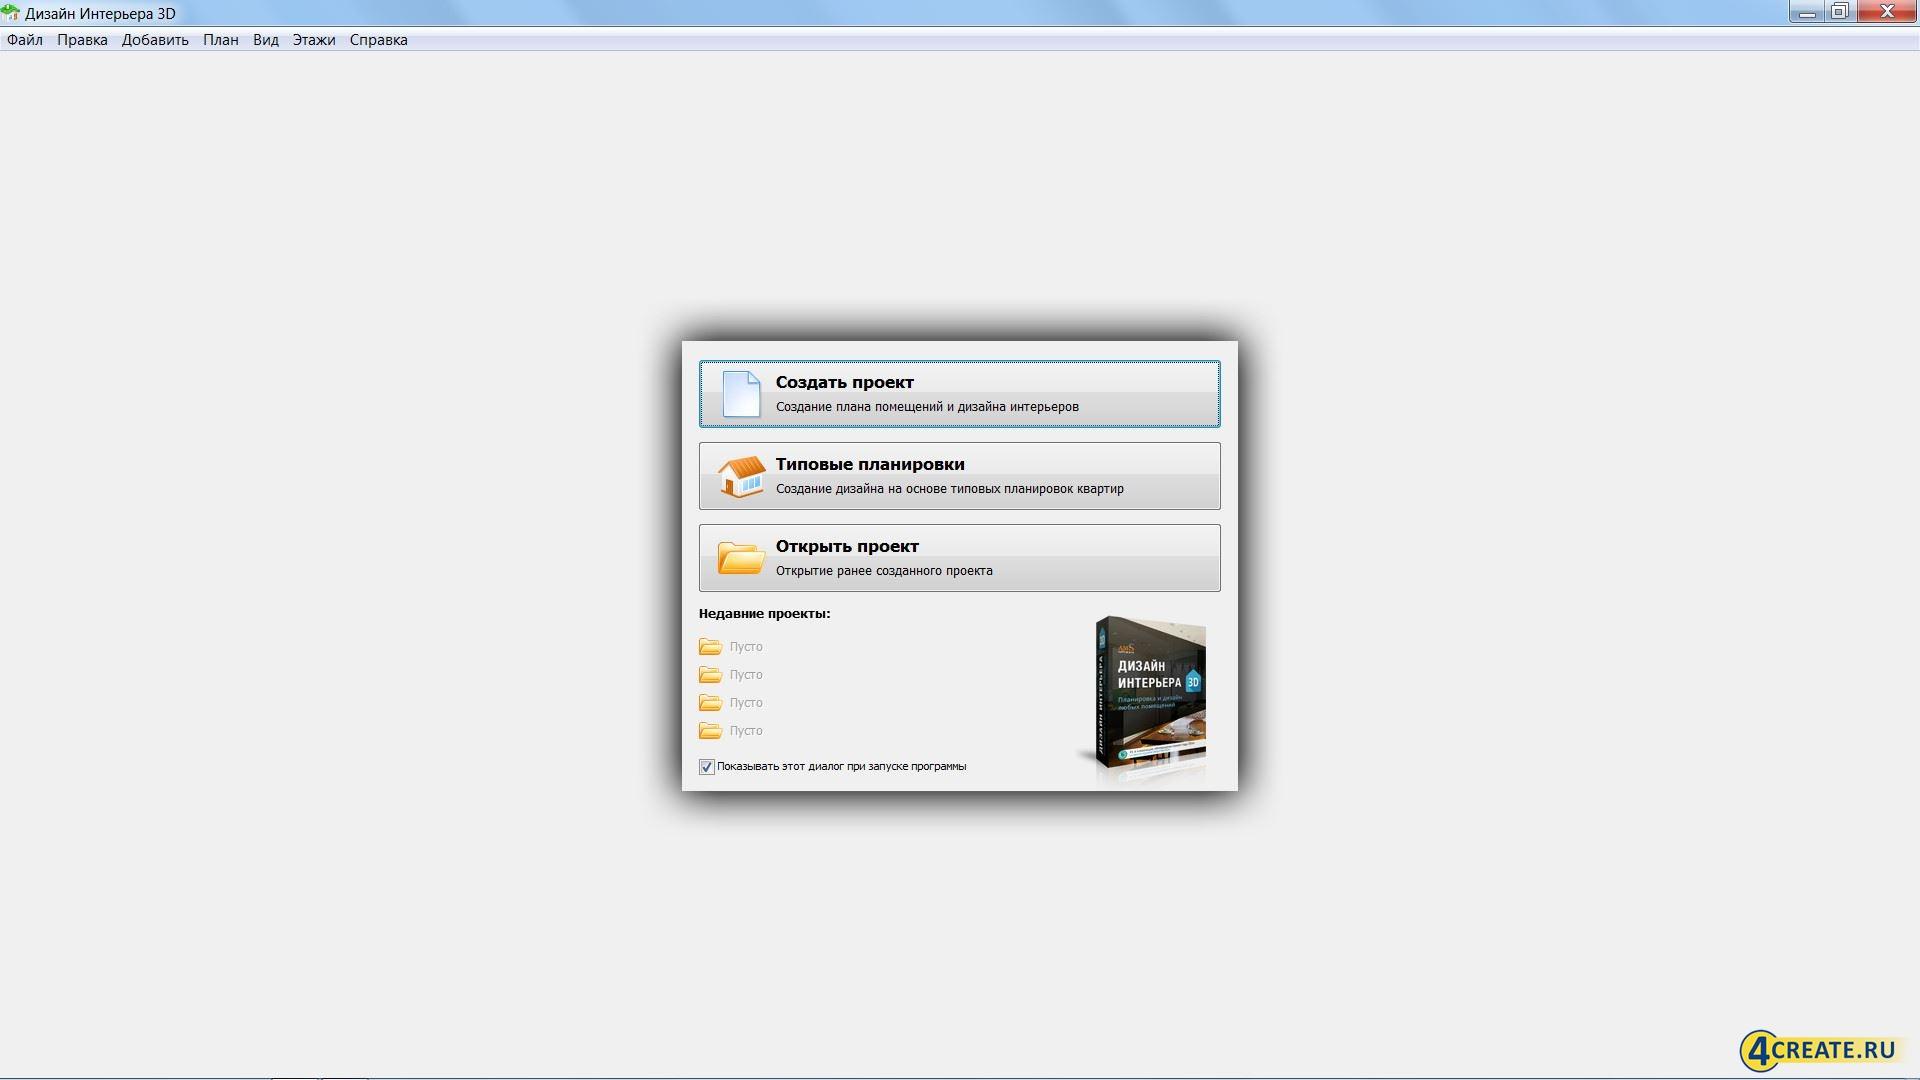 Дизайн Интерьера 3D 4.0 (Скриншот 1)